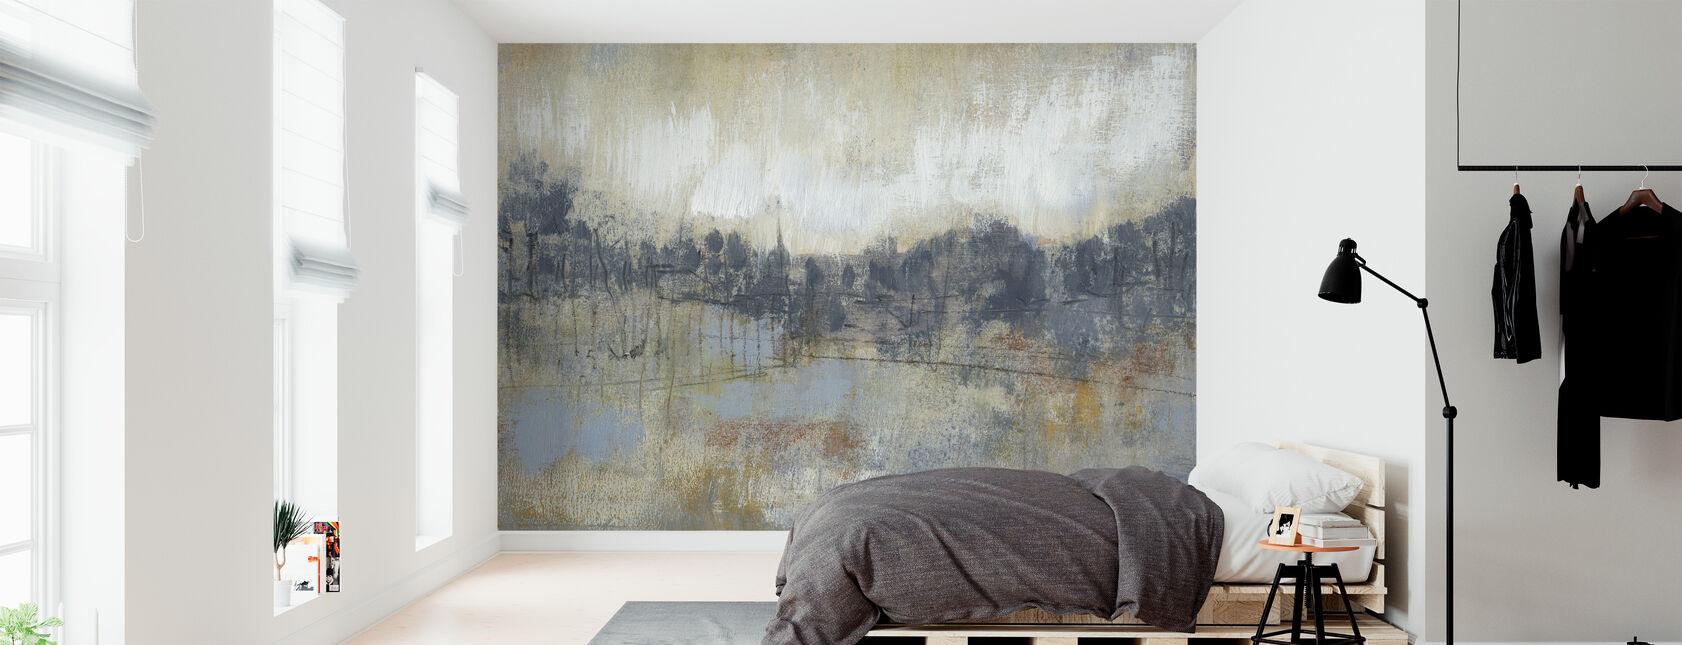 Coole grijze Horizon - Behang - Slaapkamer